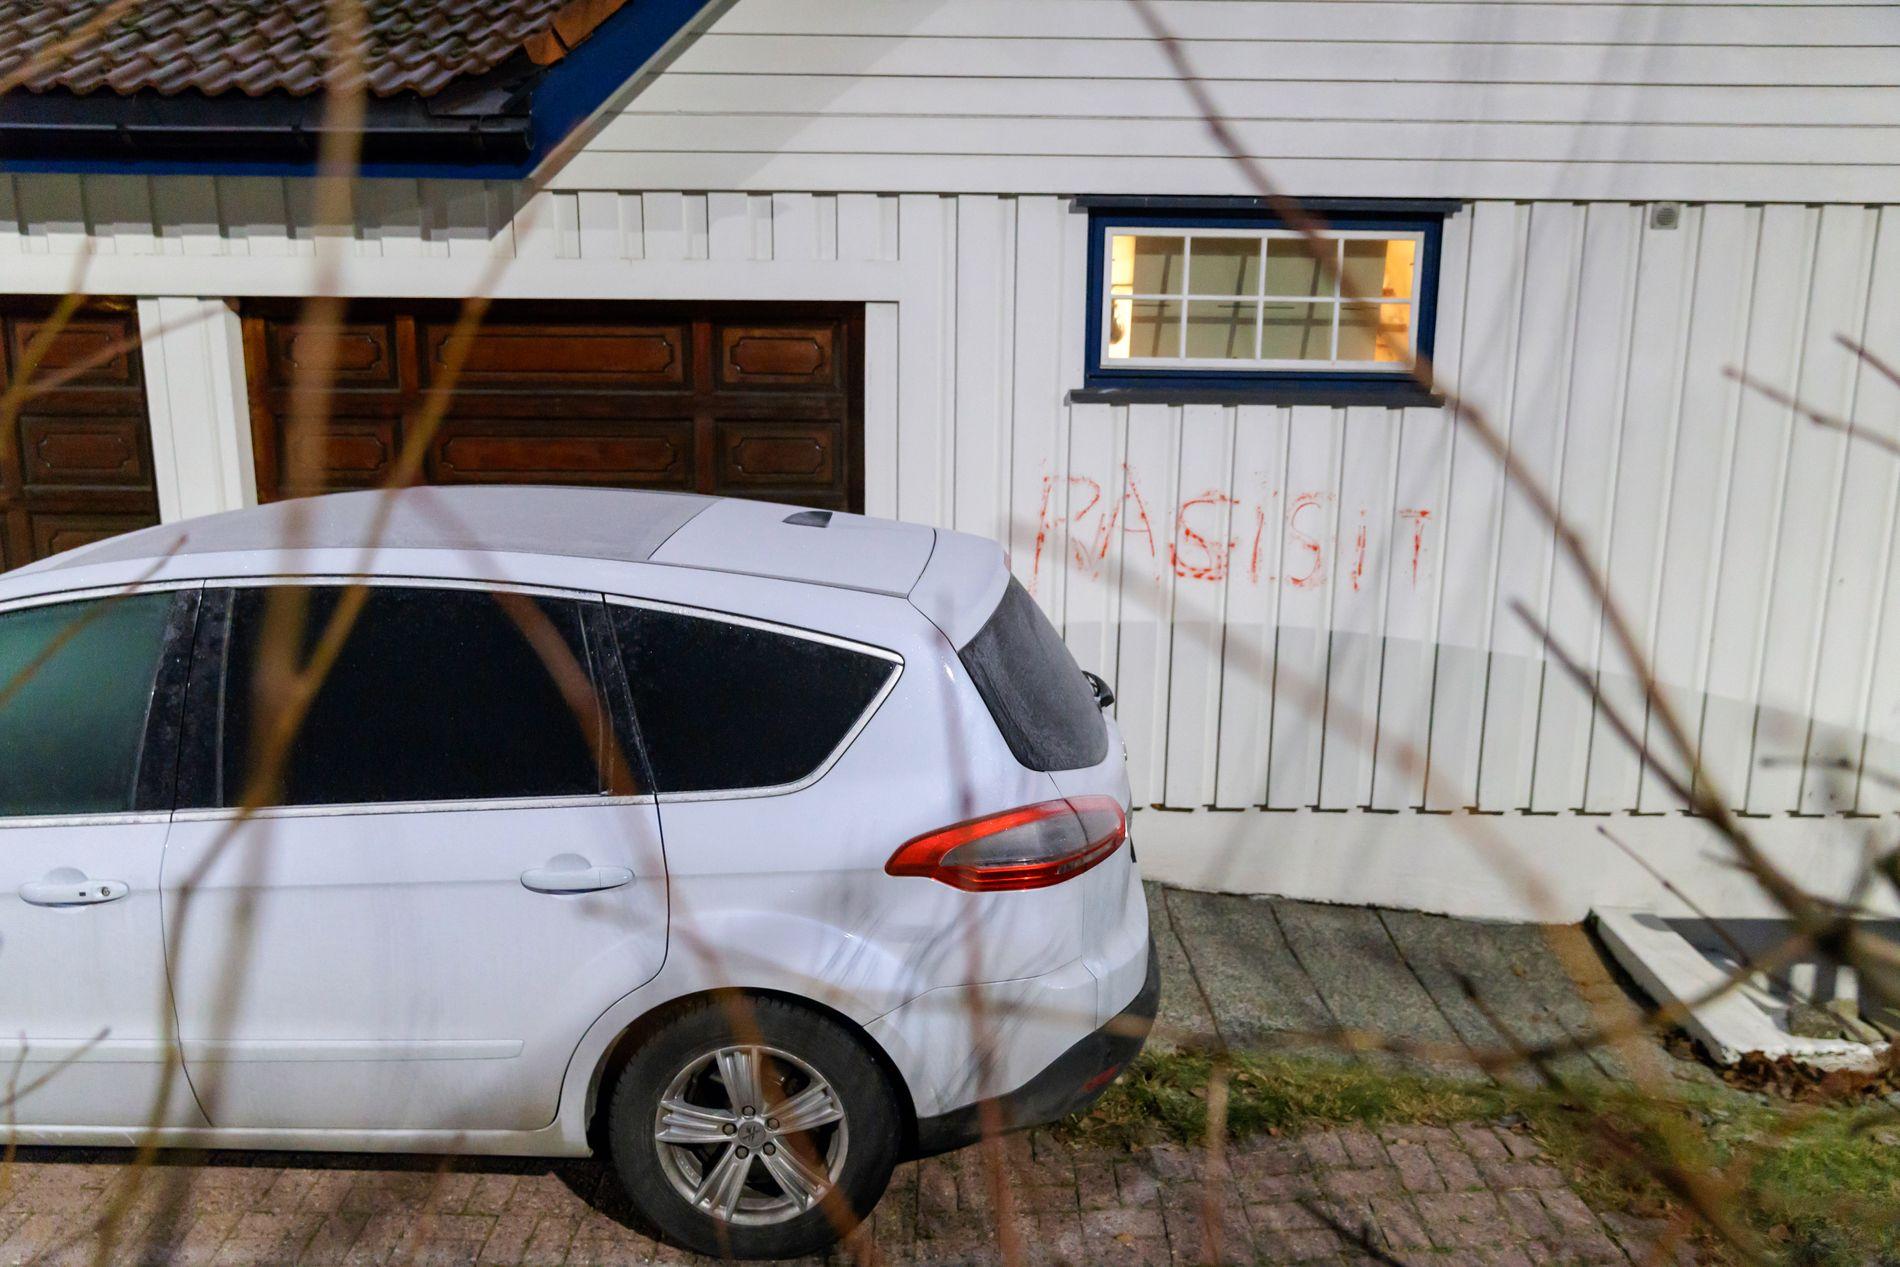 TAGGING: Ordet «rasist» var både korrekt og feil stavet på henholdsvis justisministerens bil og bolig.